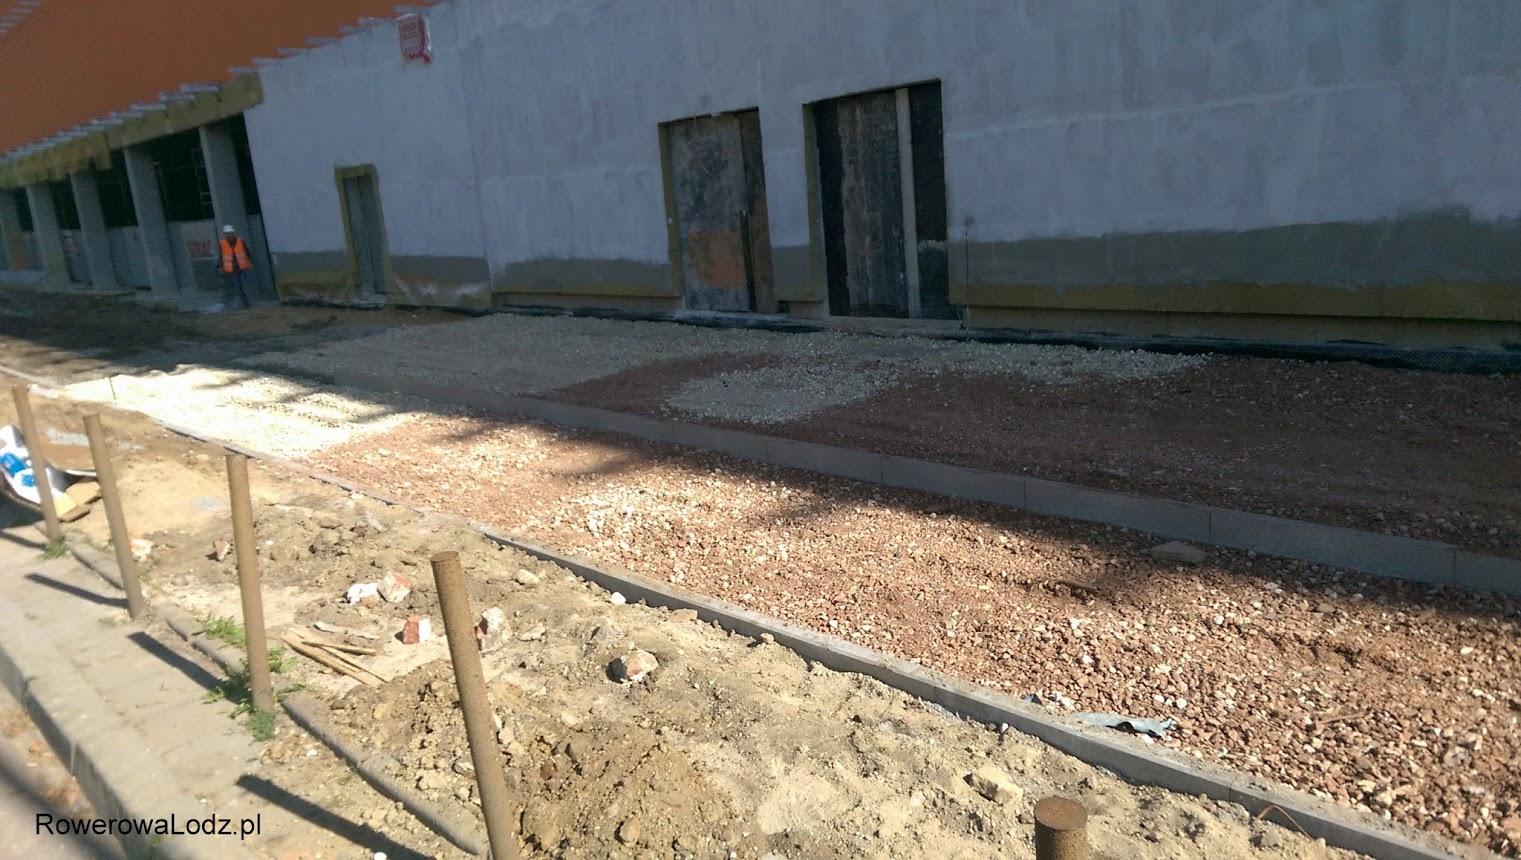 Chodnik bliżej budynku, zaś ddr oddzielona od jezdni trawnikiem.